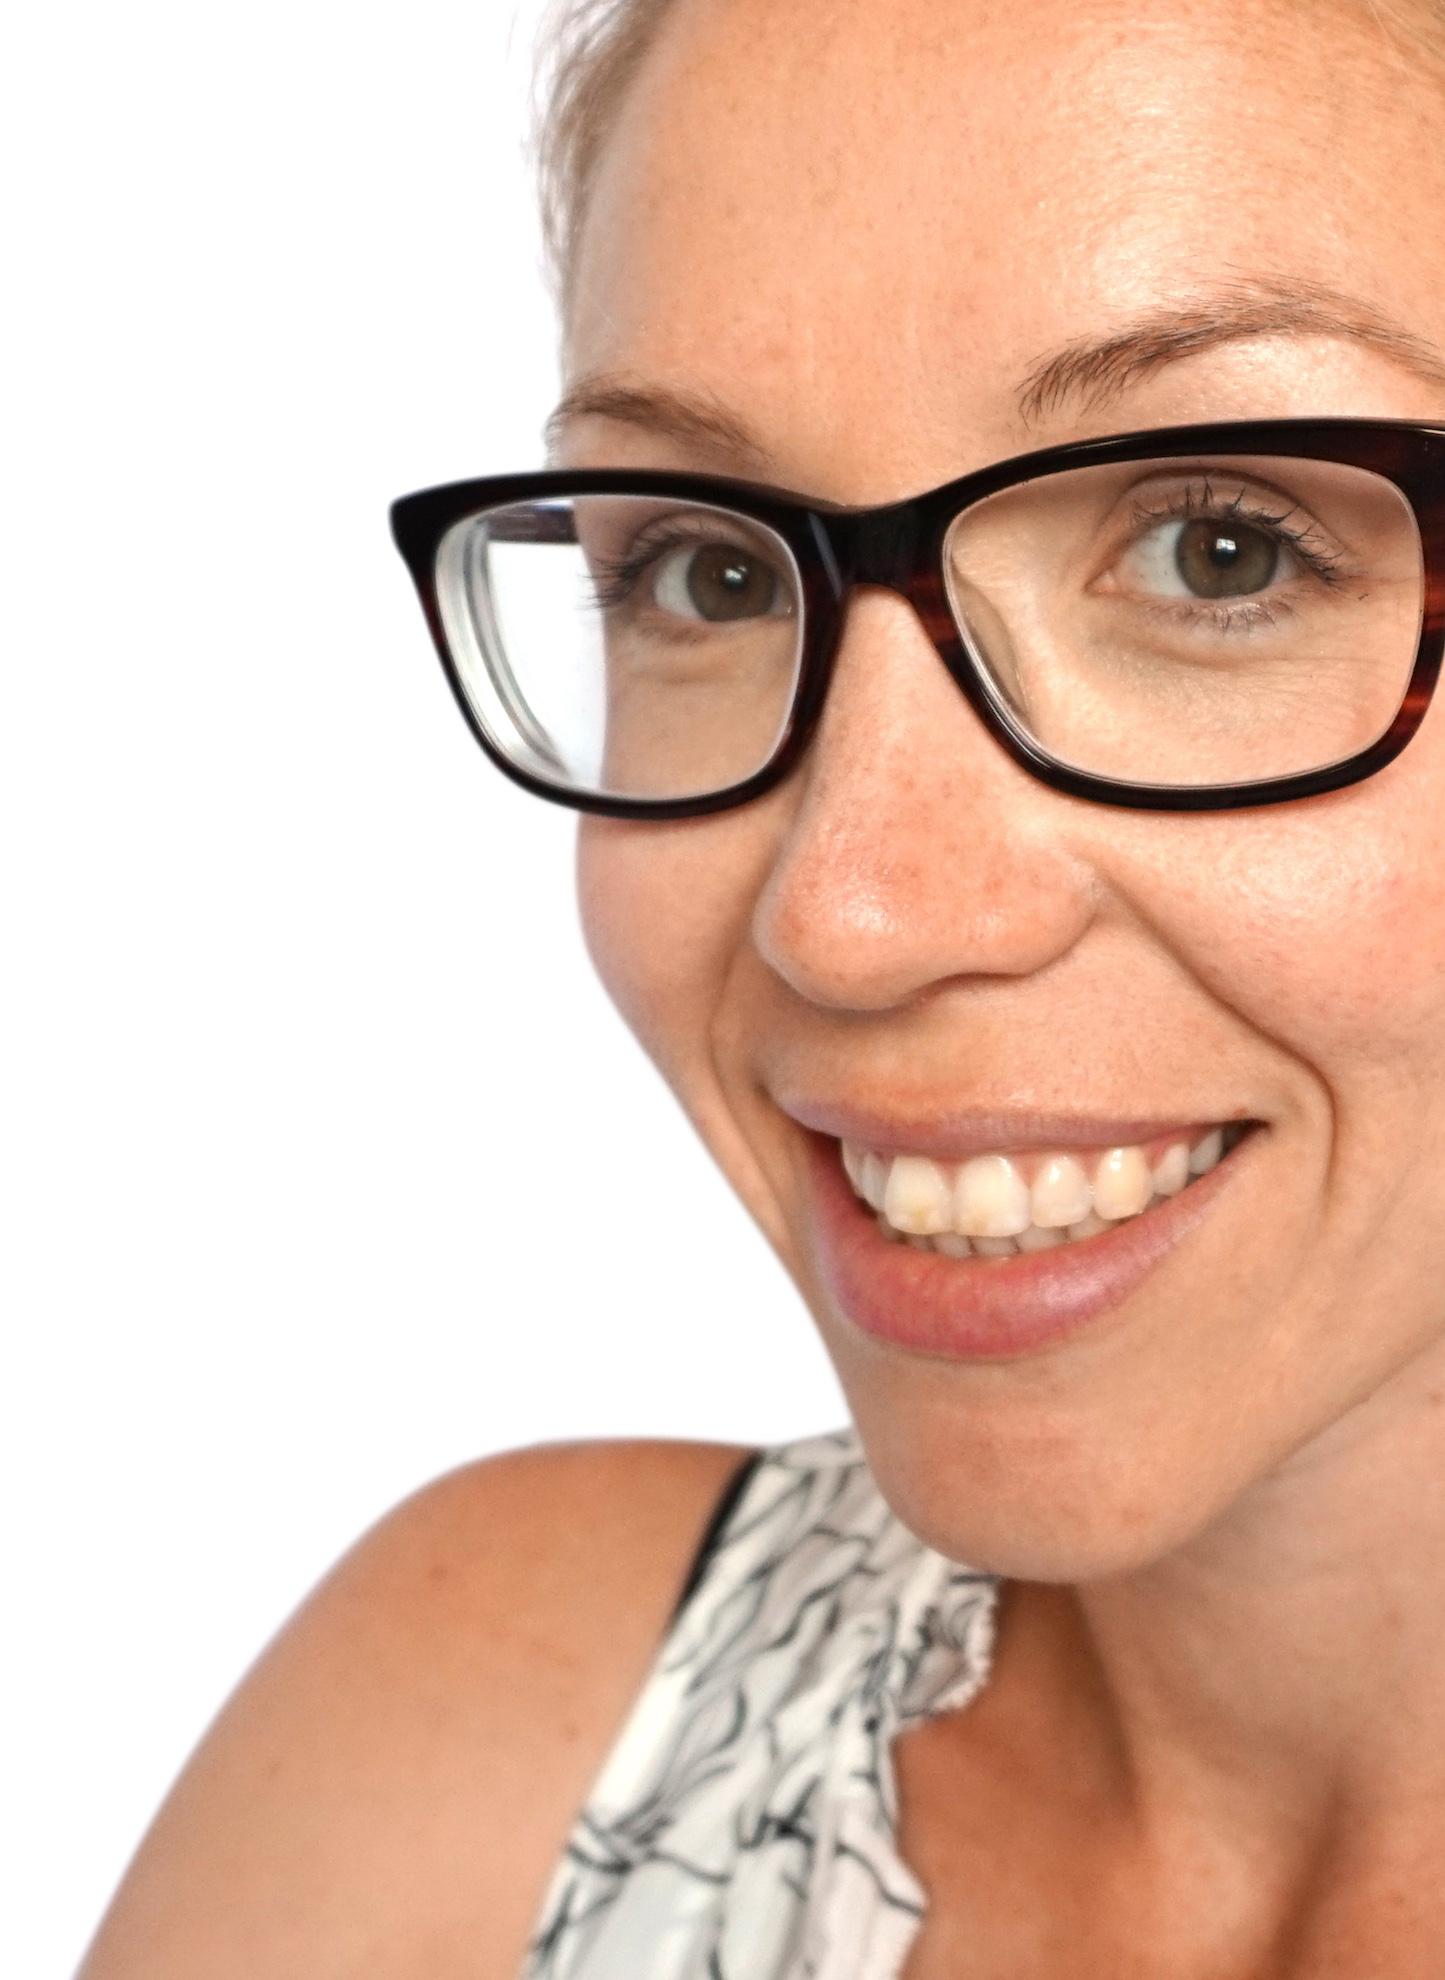 Sarah Keen